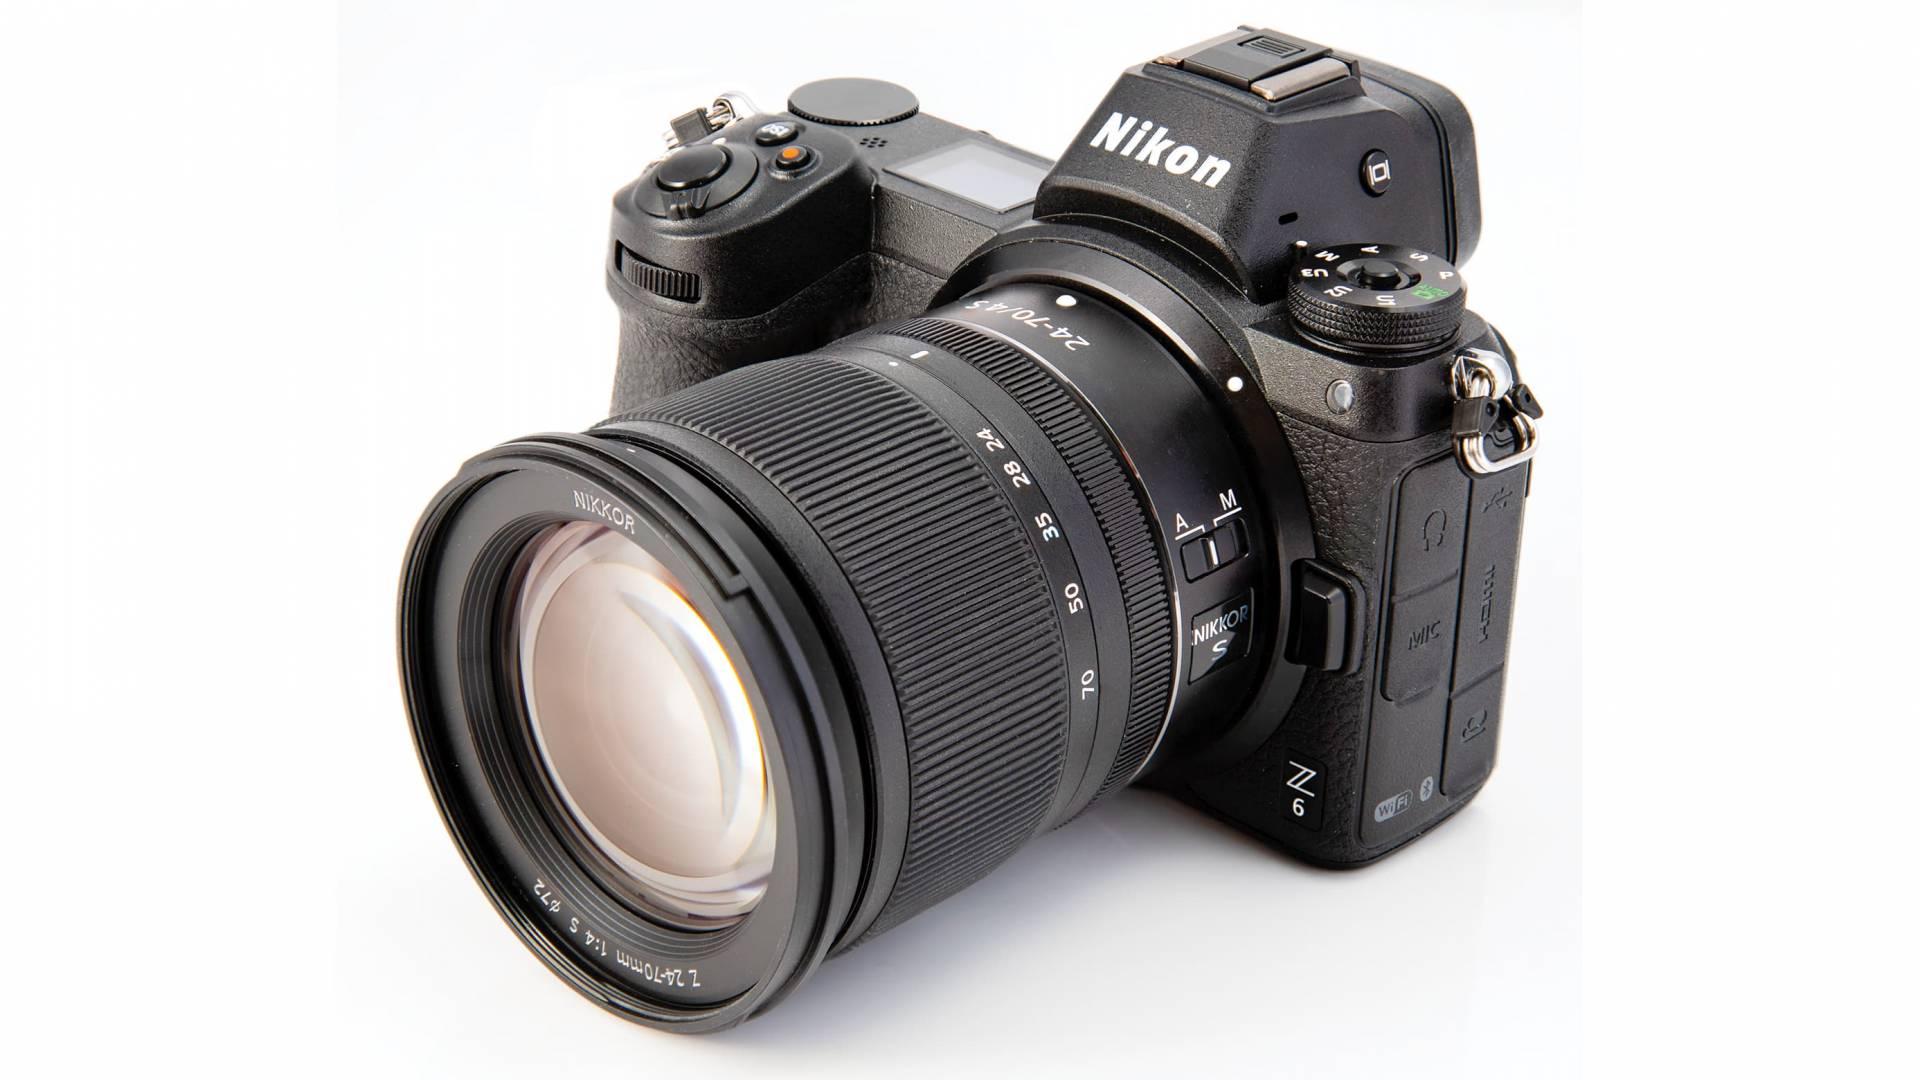 Best all-around mirrorless camera Nikon z 6